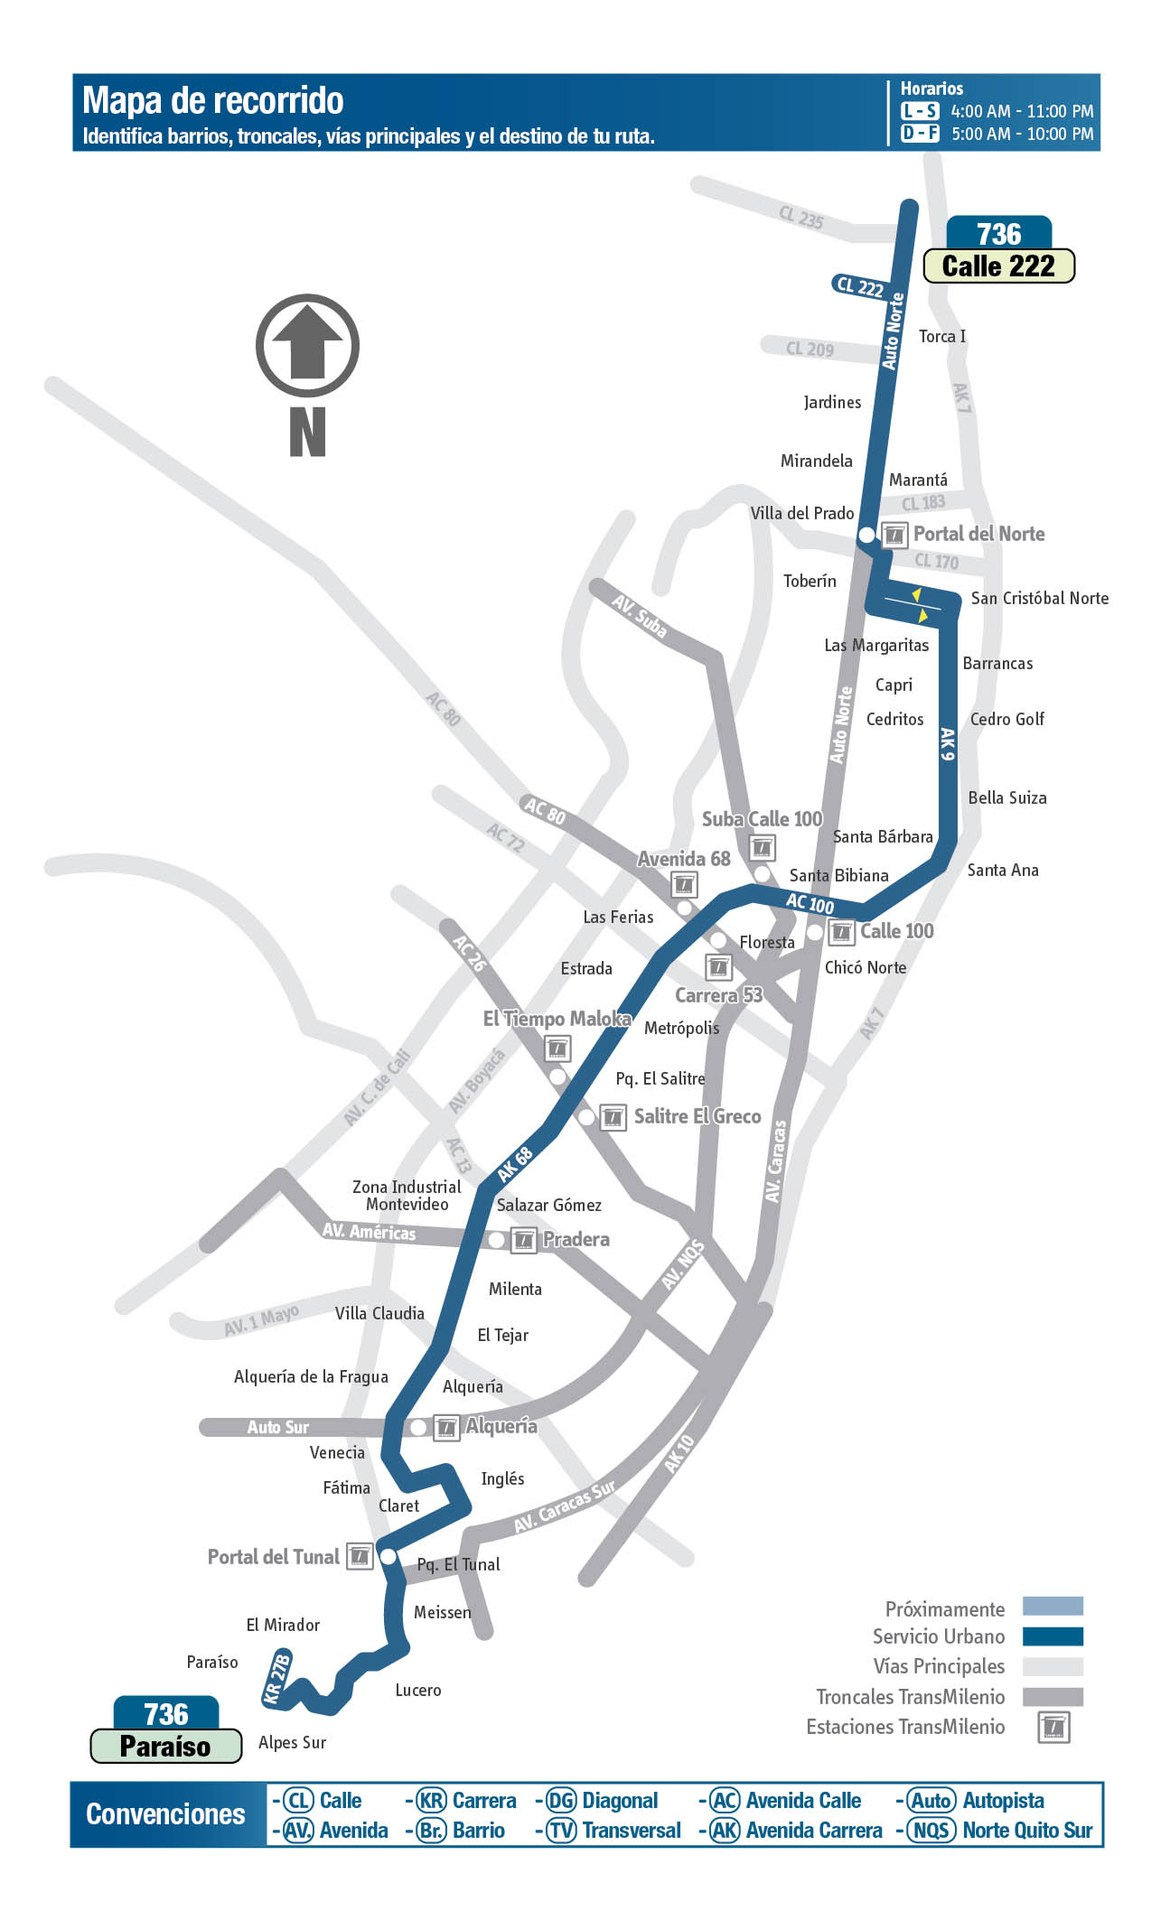 Ruta SITP: 736 Calle 222 ↔ Paraíso [Urbana] 3